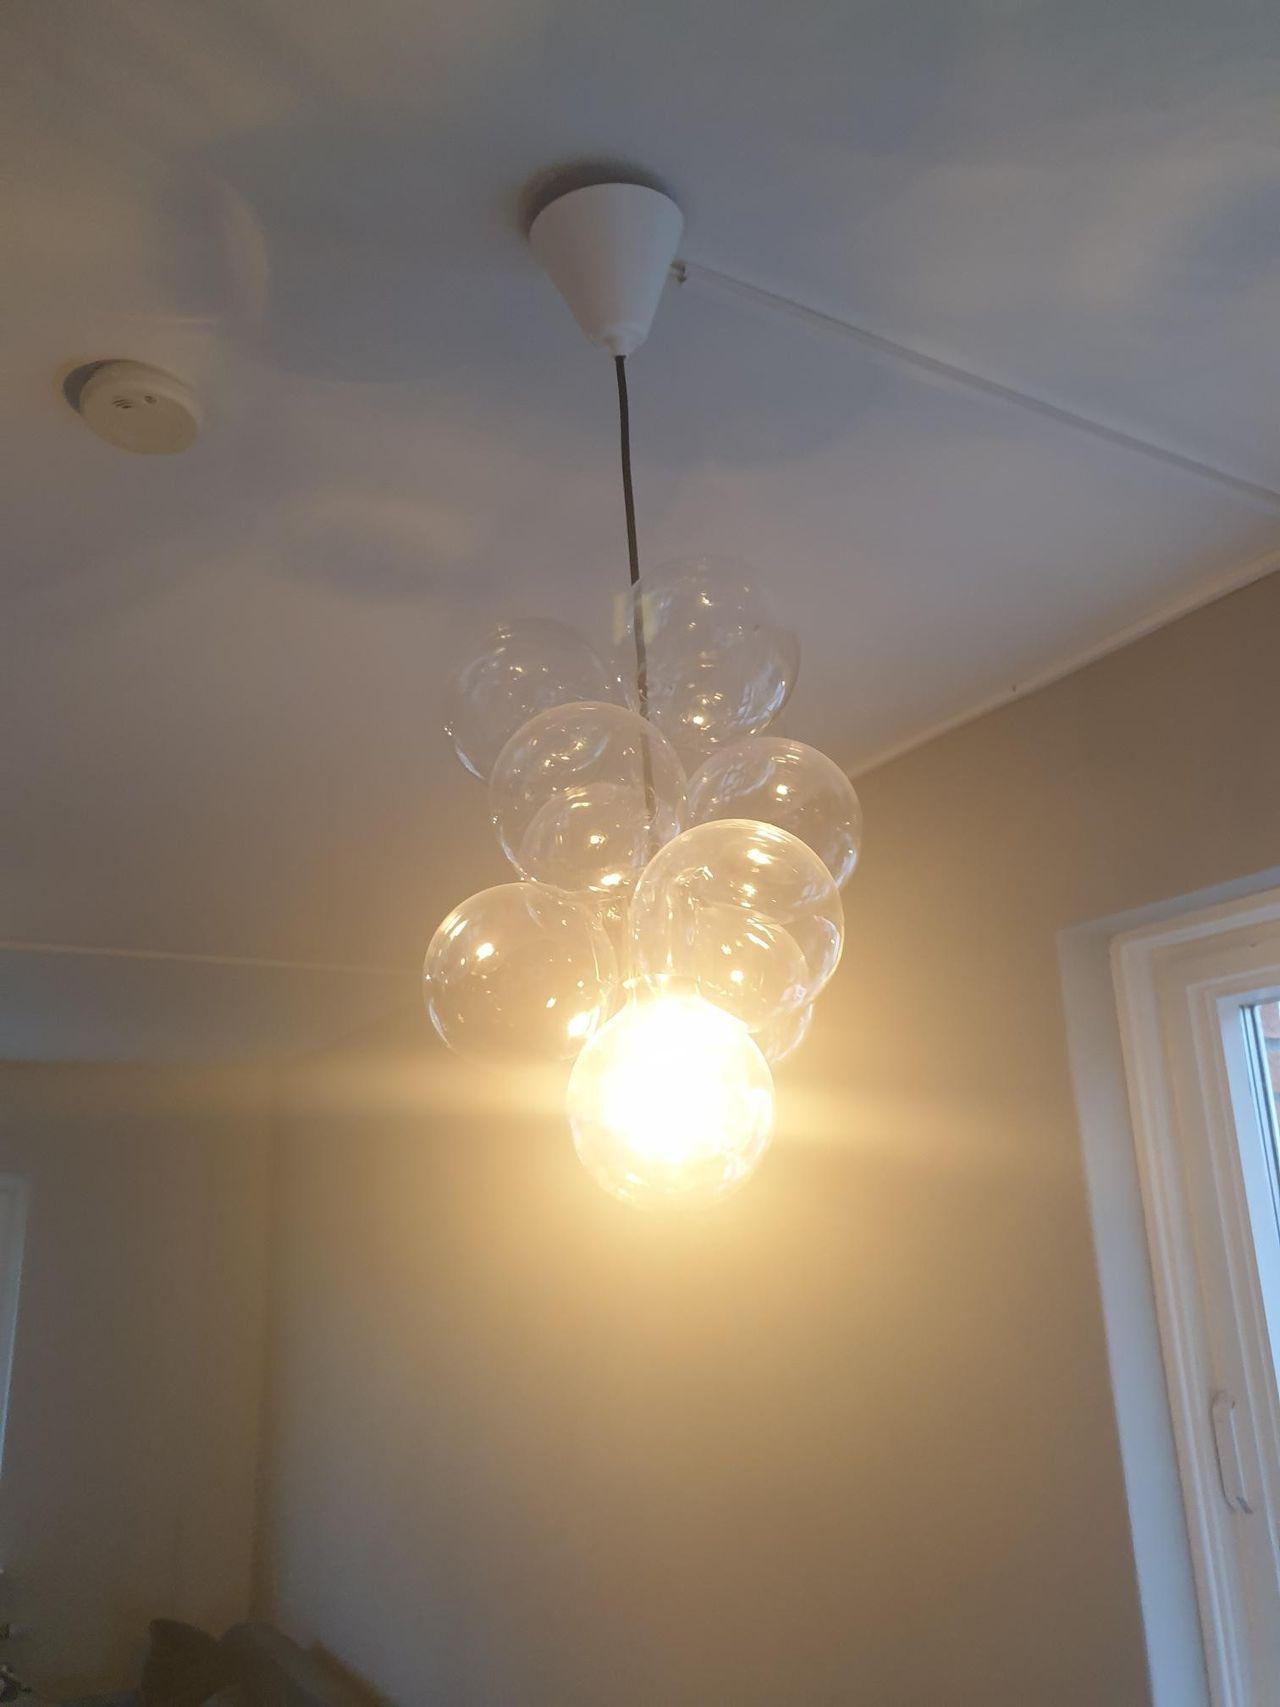 Stk stilige lamper selges Kjøpe, selge og utveksle annonser